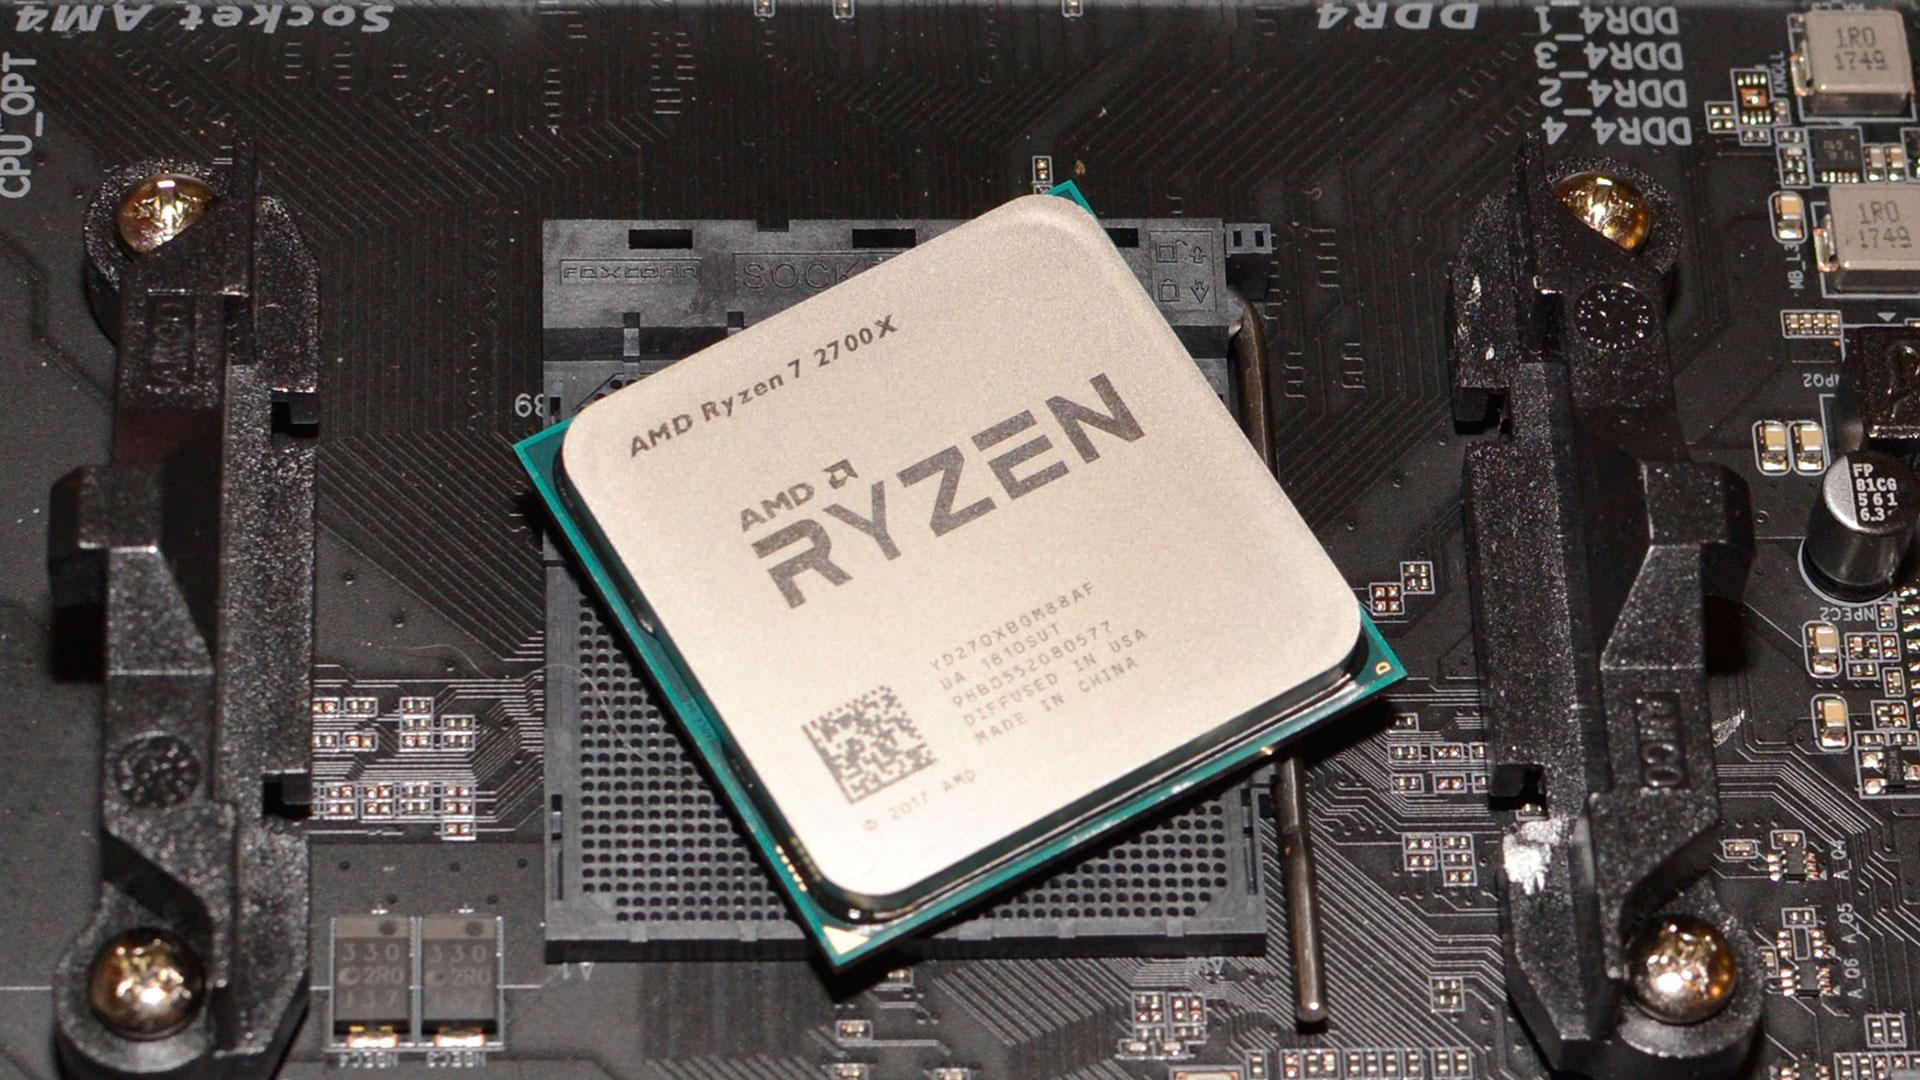 AMD Ryzen CPU sitting atop an AM4 motherboard socket